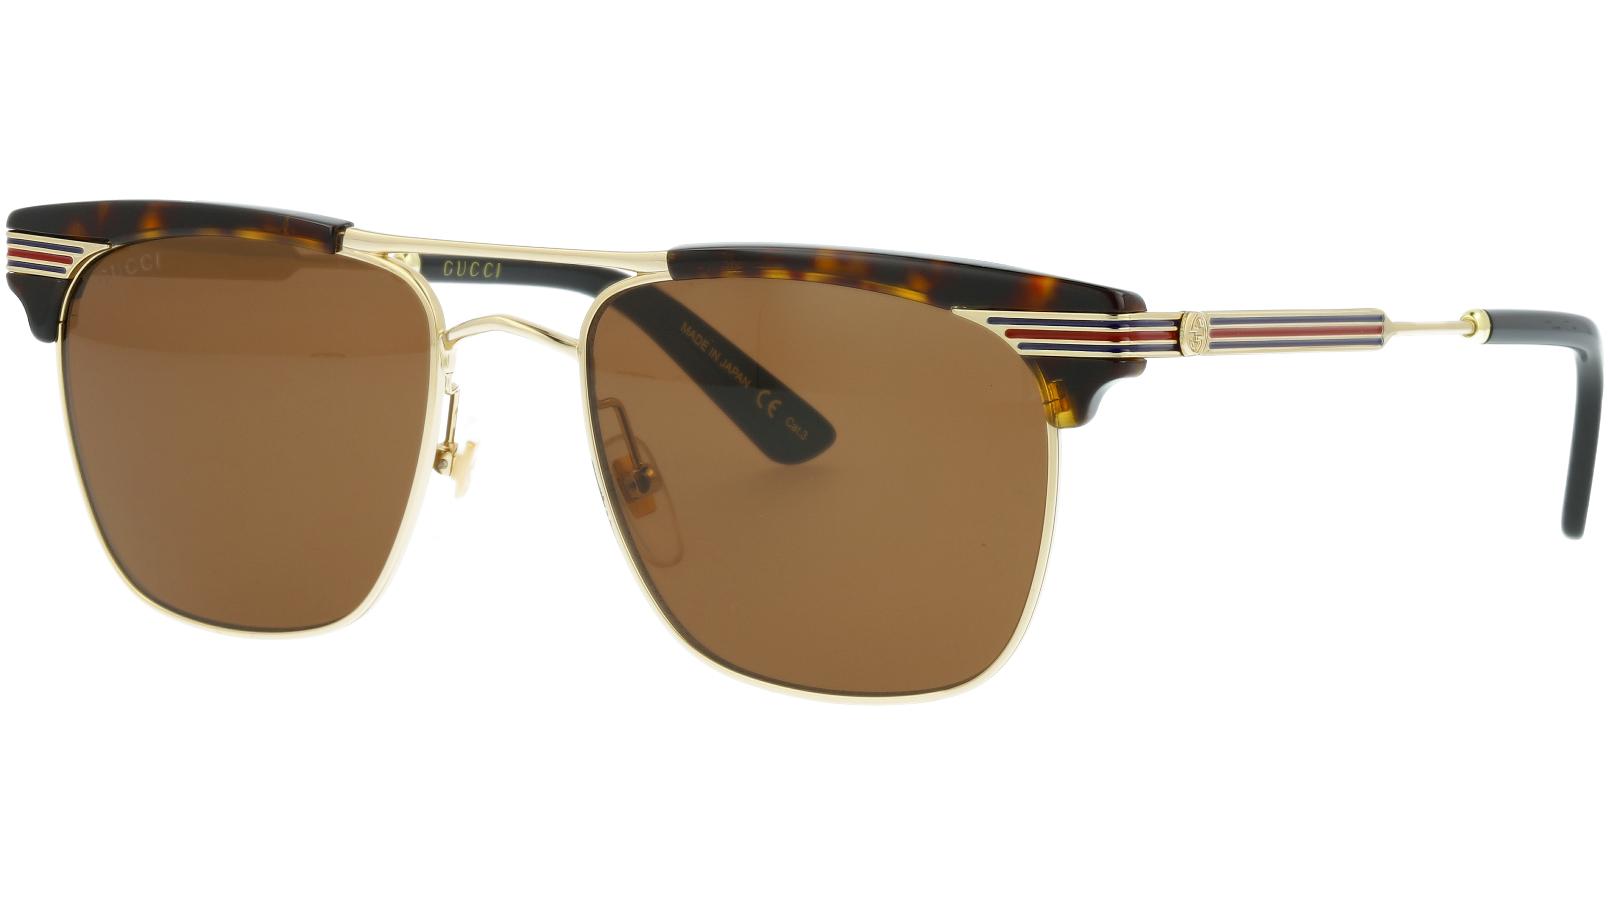 GUCCI GG0287S 003 52 AVANA Sunglasses